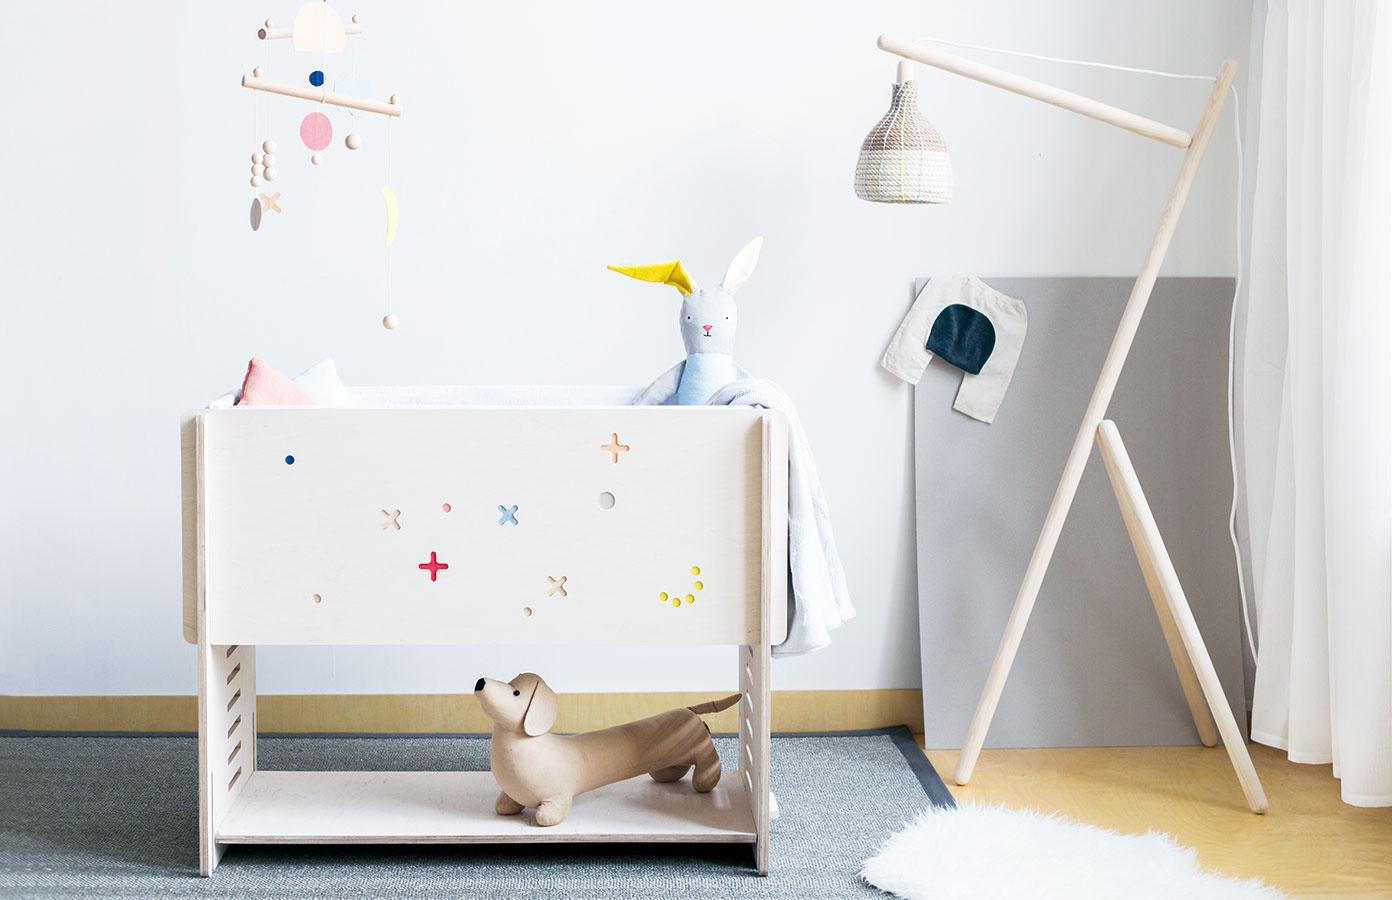 Spoločník na detské časy. Multifunkčný KUKO zbrezovej preglejky je nový prírastok vkolekcii nábytku slovenskej značky Villo Design – možno zneho vyskladať kolísku alebo detskú postieľku srozmermi 90 × 40 cm, ktorá sa dá pripojiť kmanželskej posteli. Keď dieťa odrastie, poslúži ako stolík, lavička alebo malá knižnica. Objednávajte na www.villo.in.